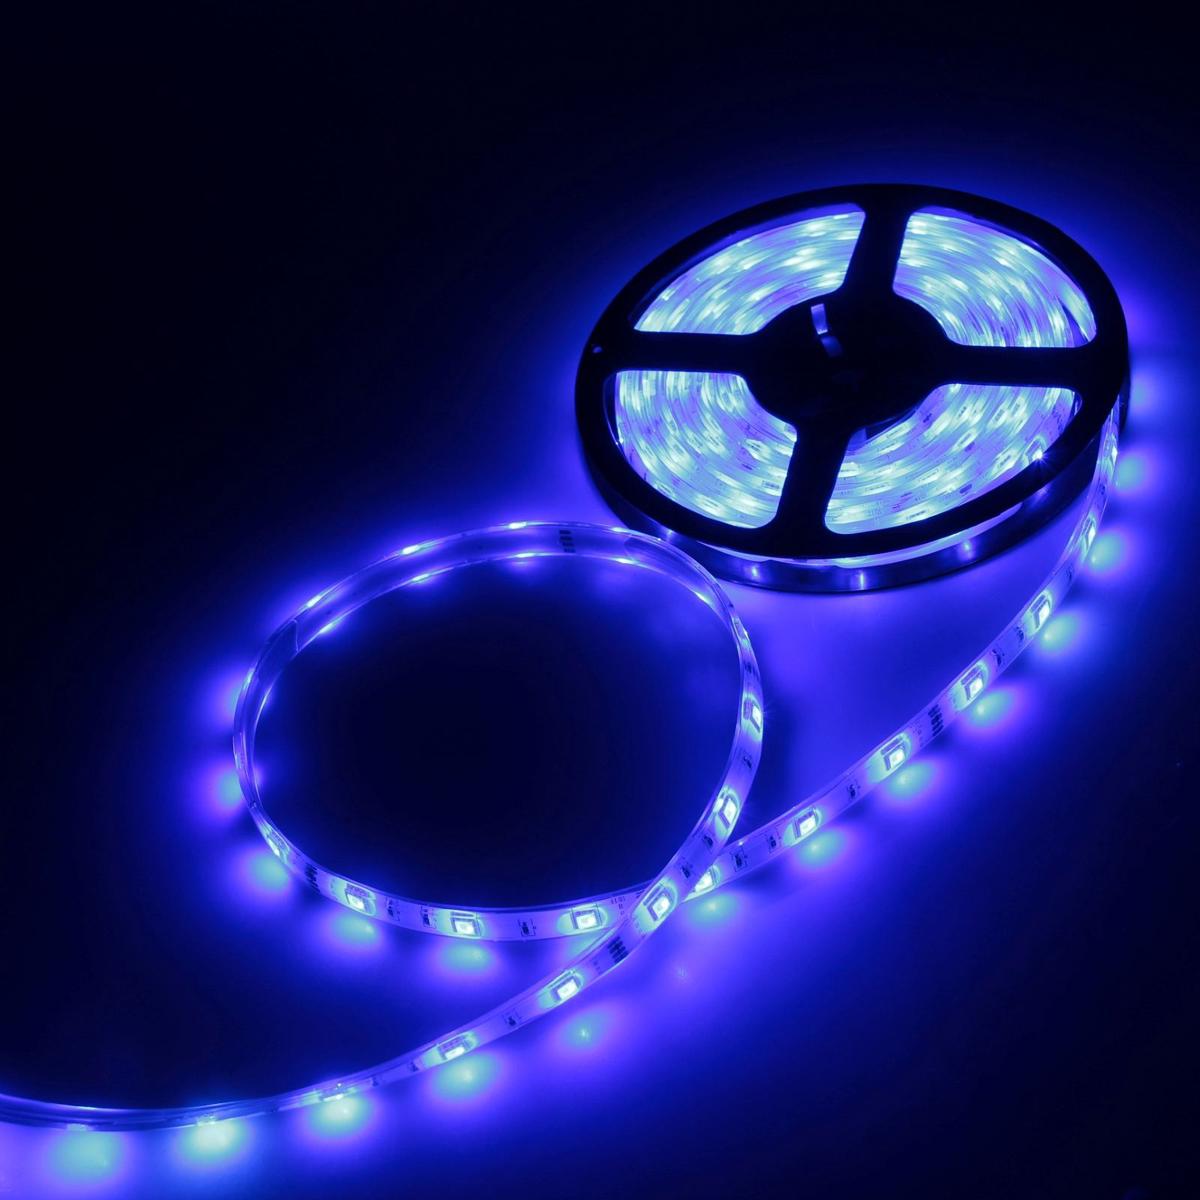 Светодиодная лента Luazon, 12 В, SMD5050, длина 5 м, IP68, 30 LED ламп, 7.2 Вт/м, 14-16 Лм/1 LED, DC, цвет: синий883933Светодиодная лента Luazon- это отличный вариант для новогоднего оформления интерьера или фасада. С ее помощью помещение любого размера можно превратить в праздничный зал, а внешние элементы зданий, украшенные ею, мгновенно станут напоминать очертания сказочного дворца. Такое украшения создает ауру предвкушения чуда. Деревья, фасады, витрины, окна и арки будто специально созданы, чтобы вы украсили их светящимися нитями.